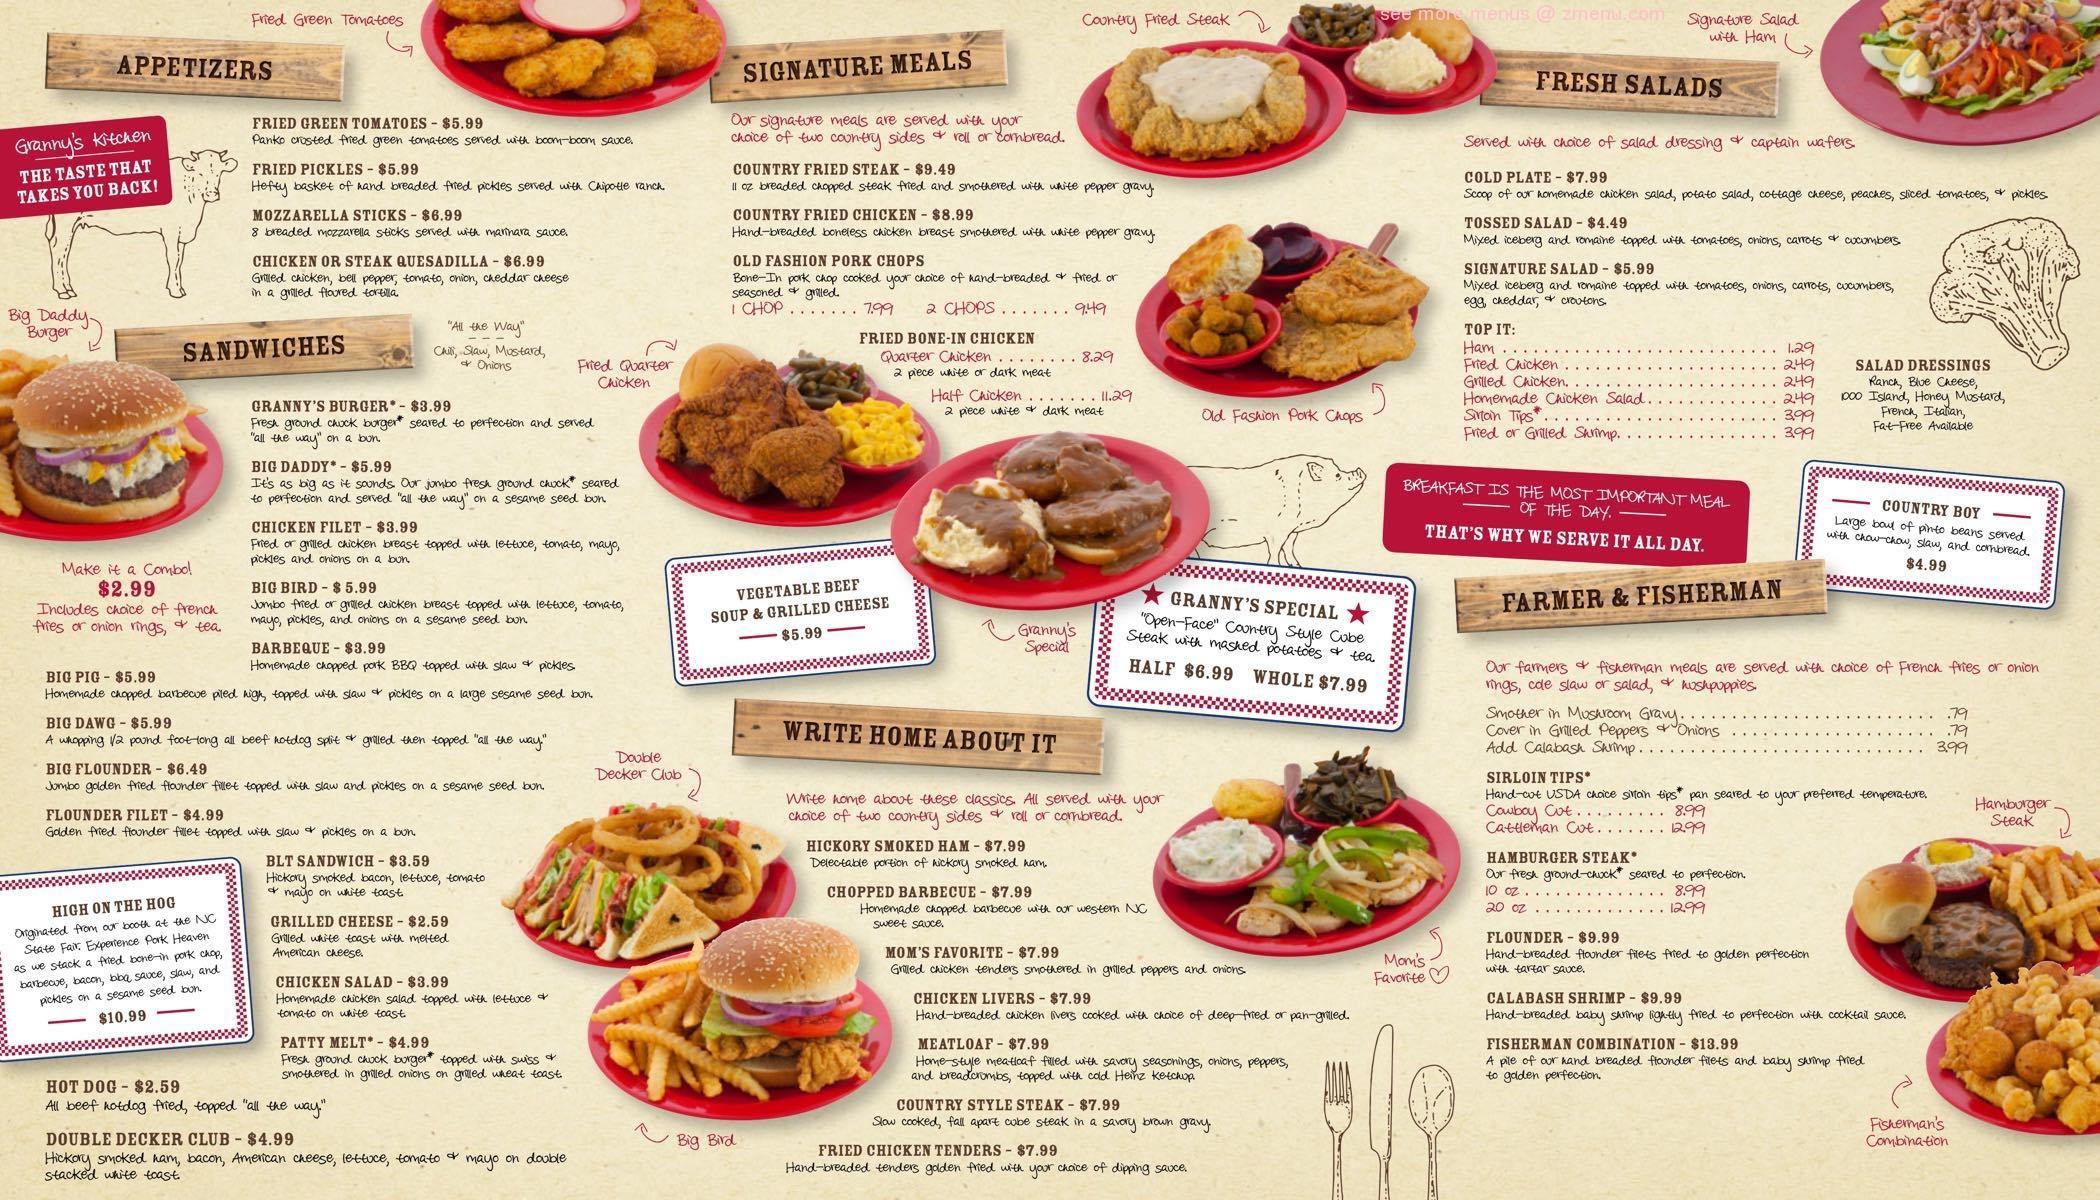 Online Menu Of Grannys Country Kitchen Claremont Restaurant Claremont North Carolina 28610 Zmenu